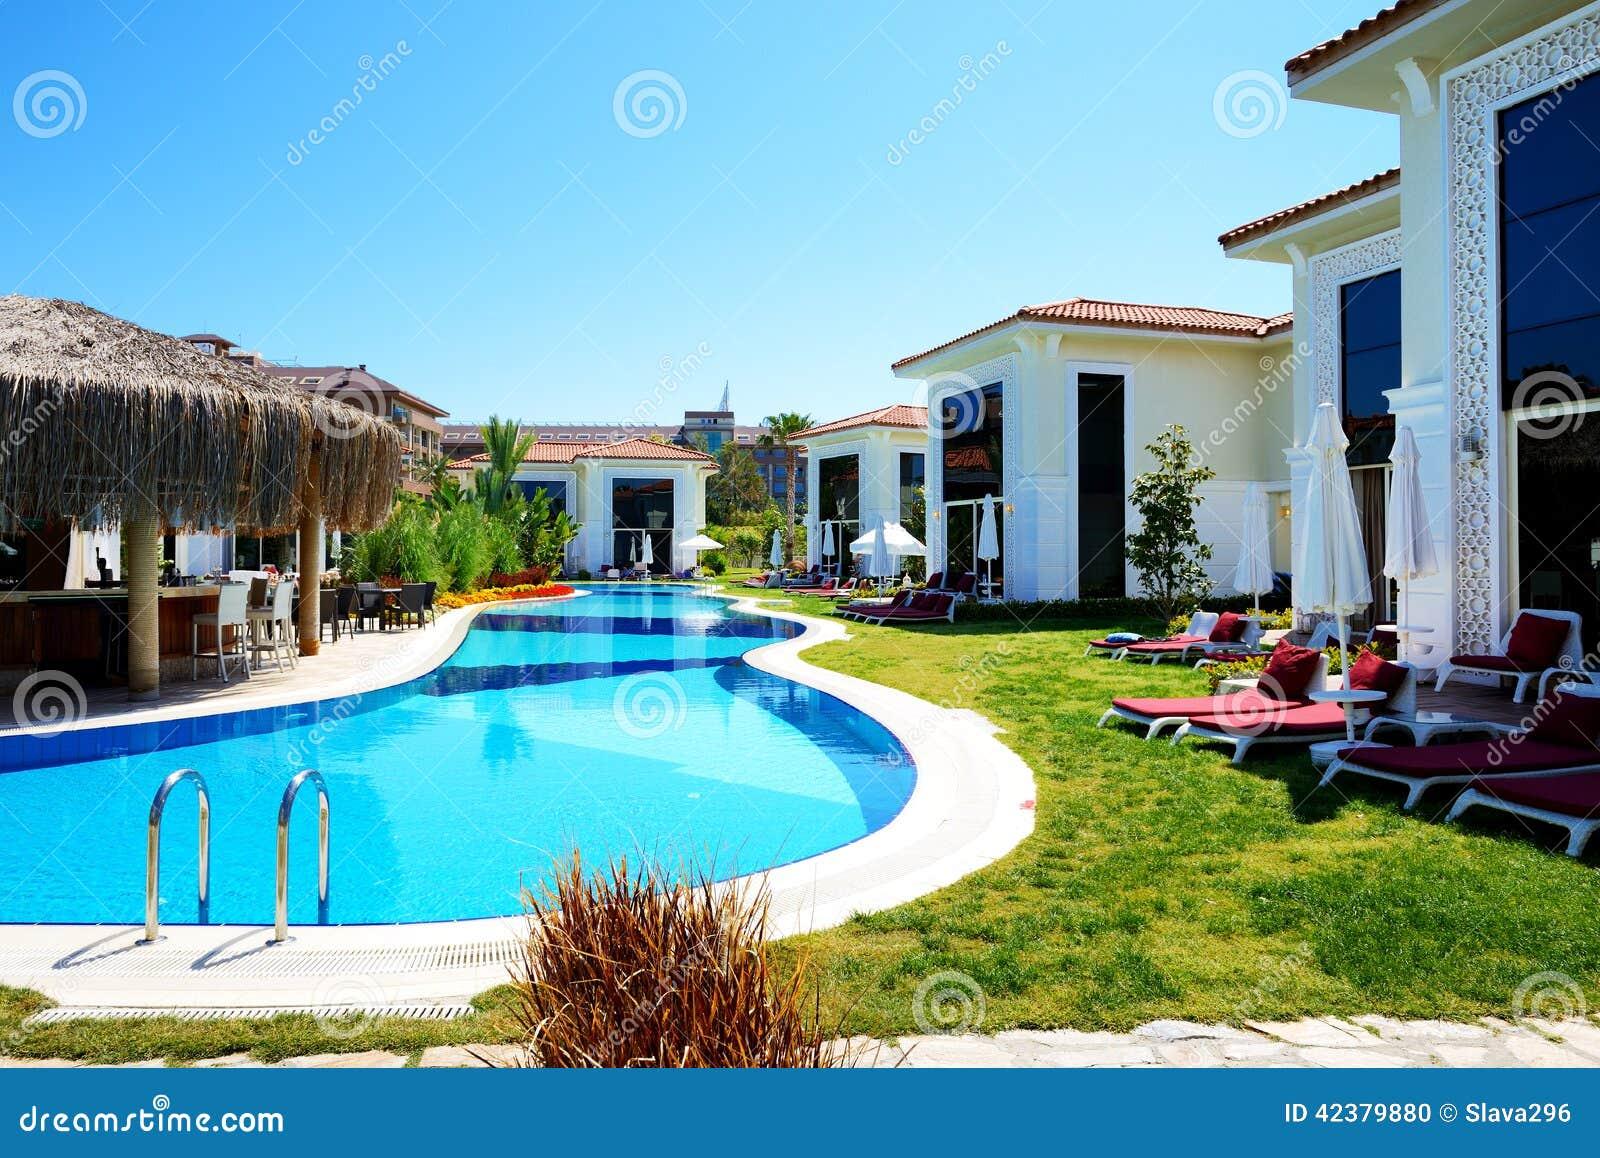 Chalets modernos con la piscina en el hotel de lujo foto for Hotel con piscina